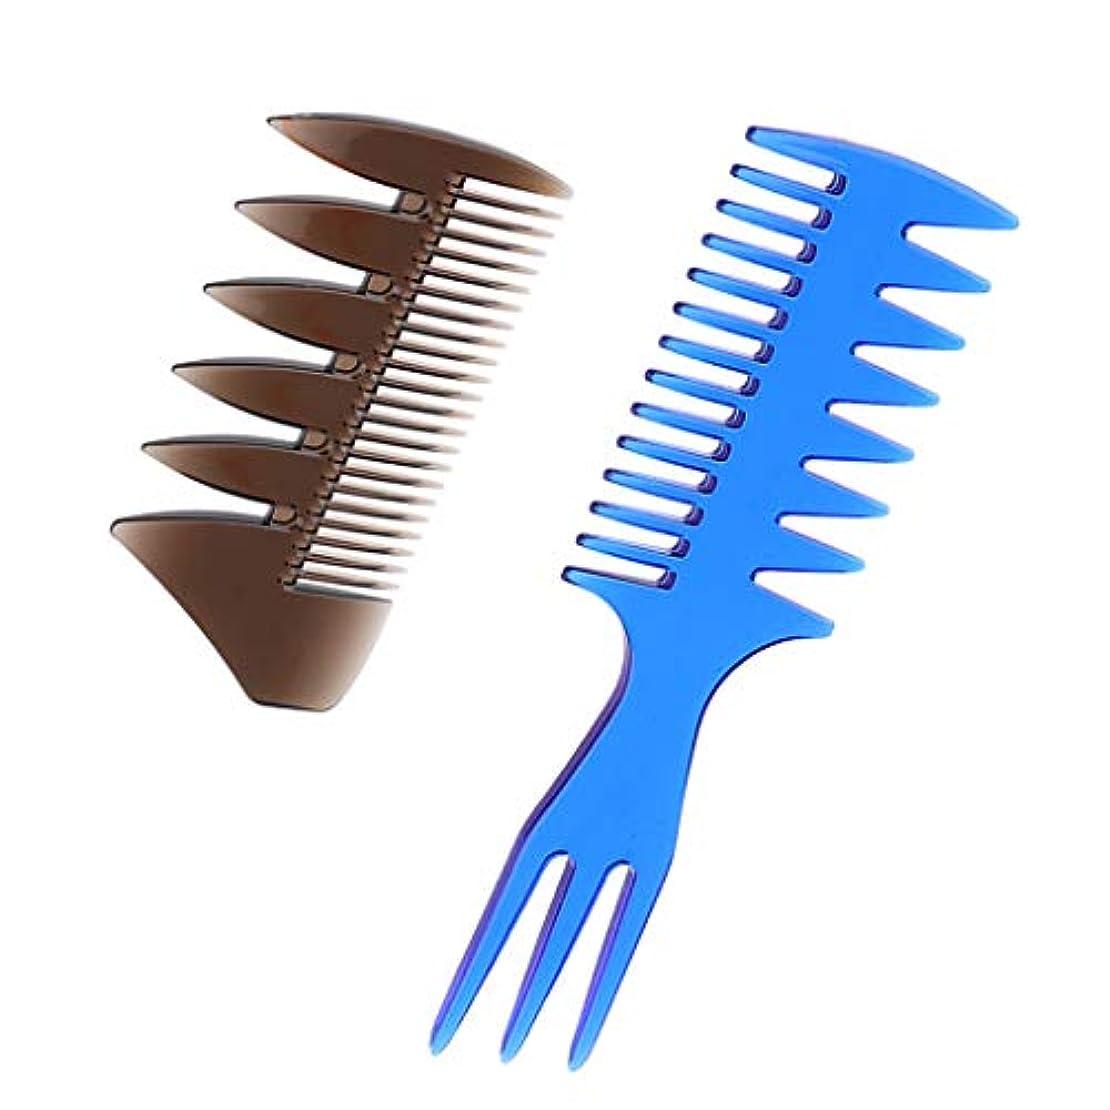 足枷情報以来Toygogo 2ピースデュアルサイドおよび3ウェイメンズオイルヘアピックコームサロンダイサロン理髪スタイリング